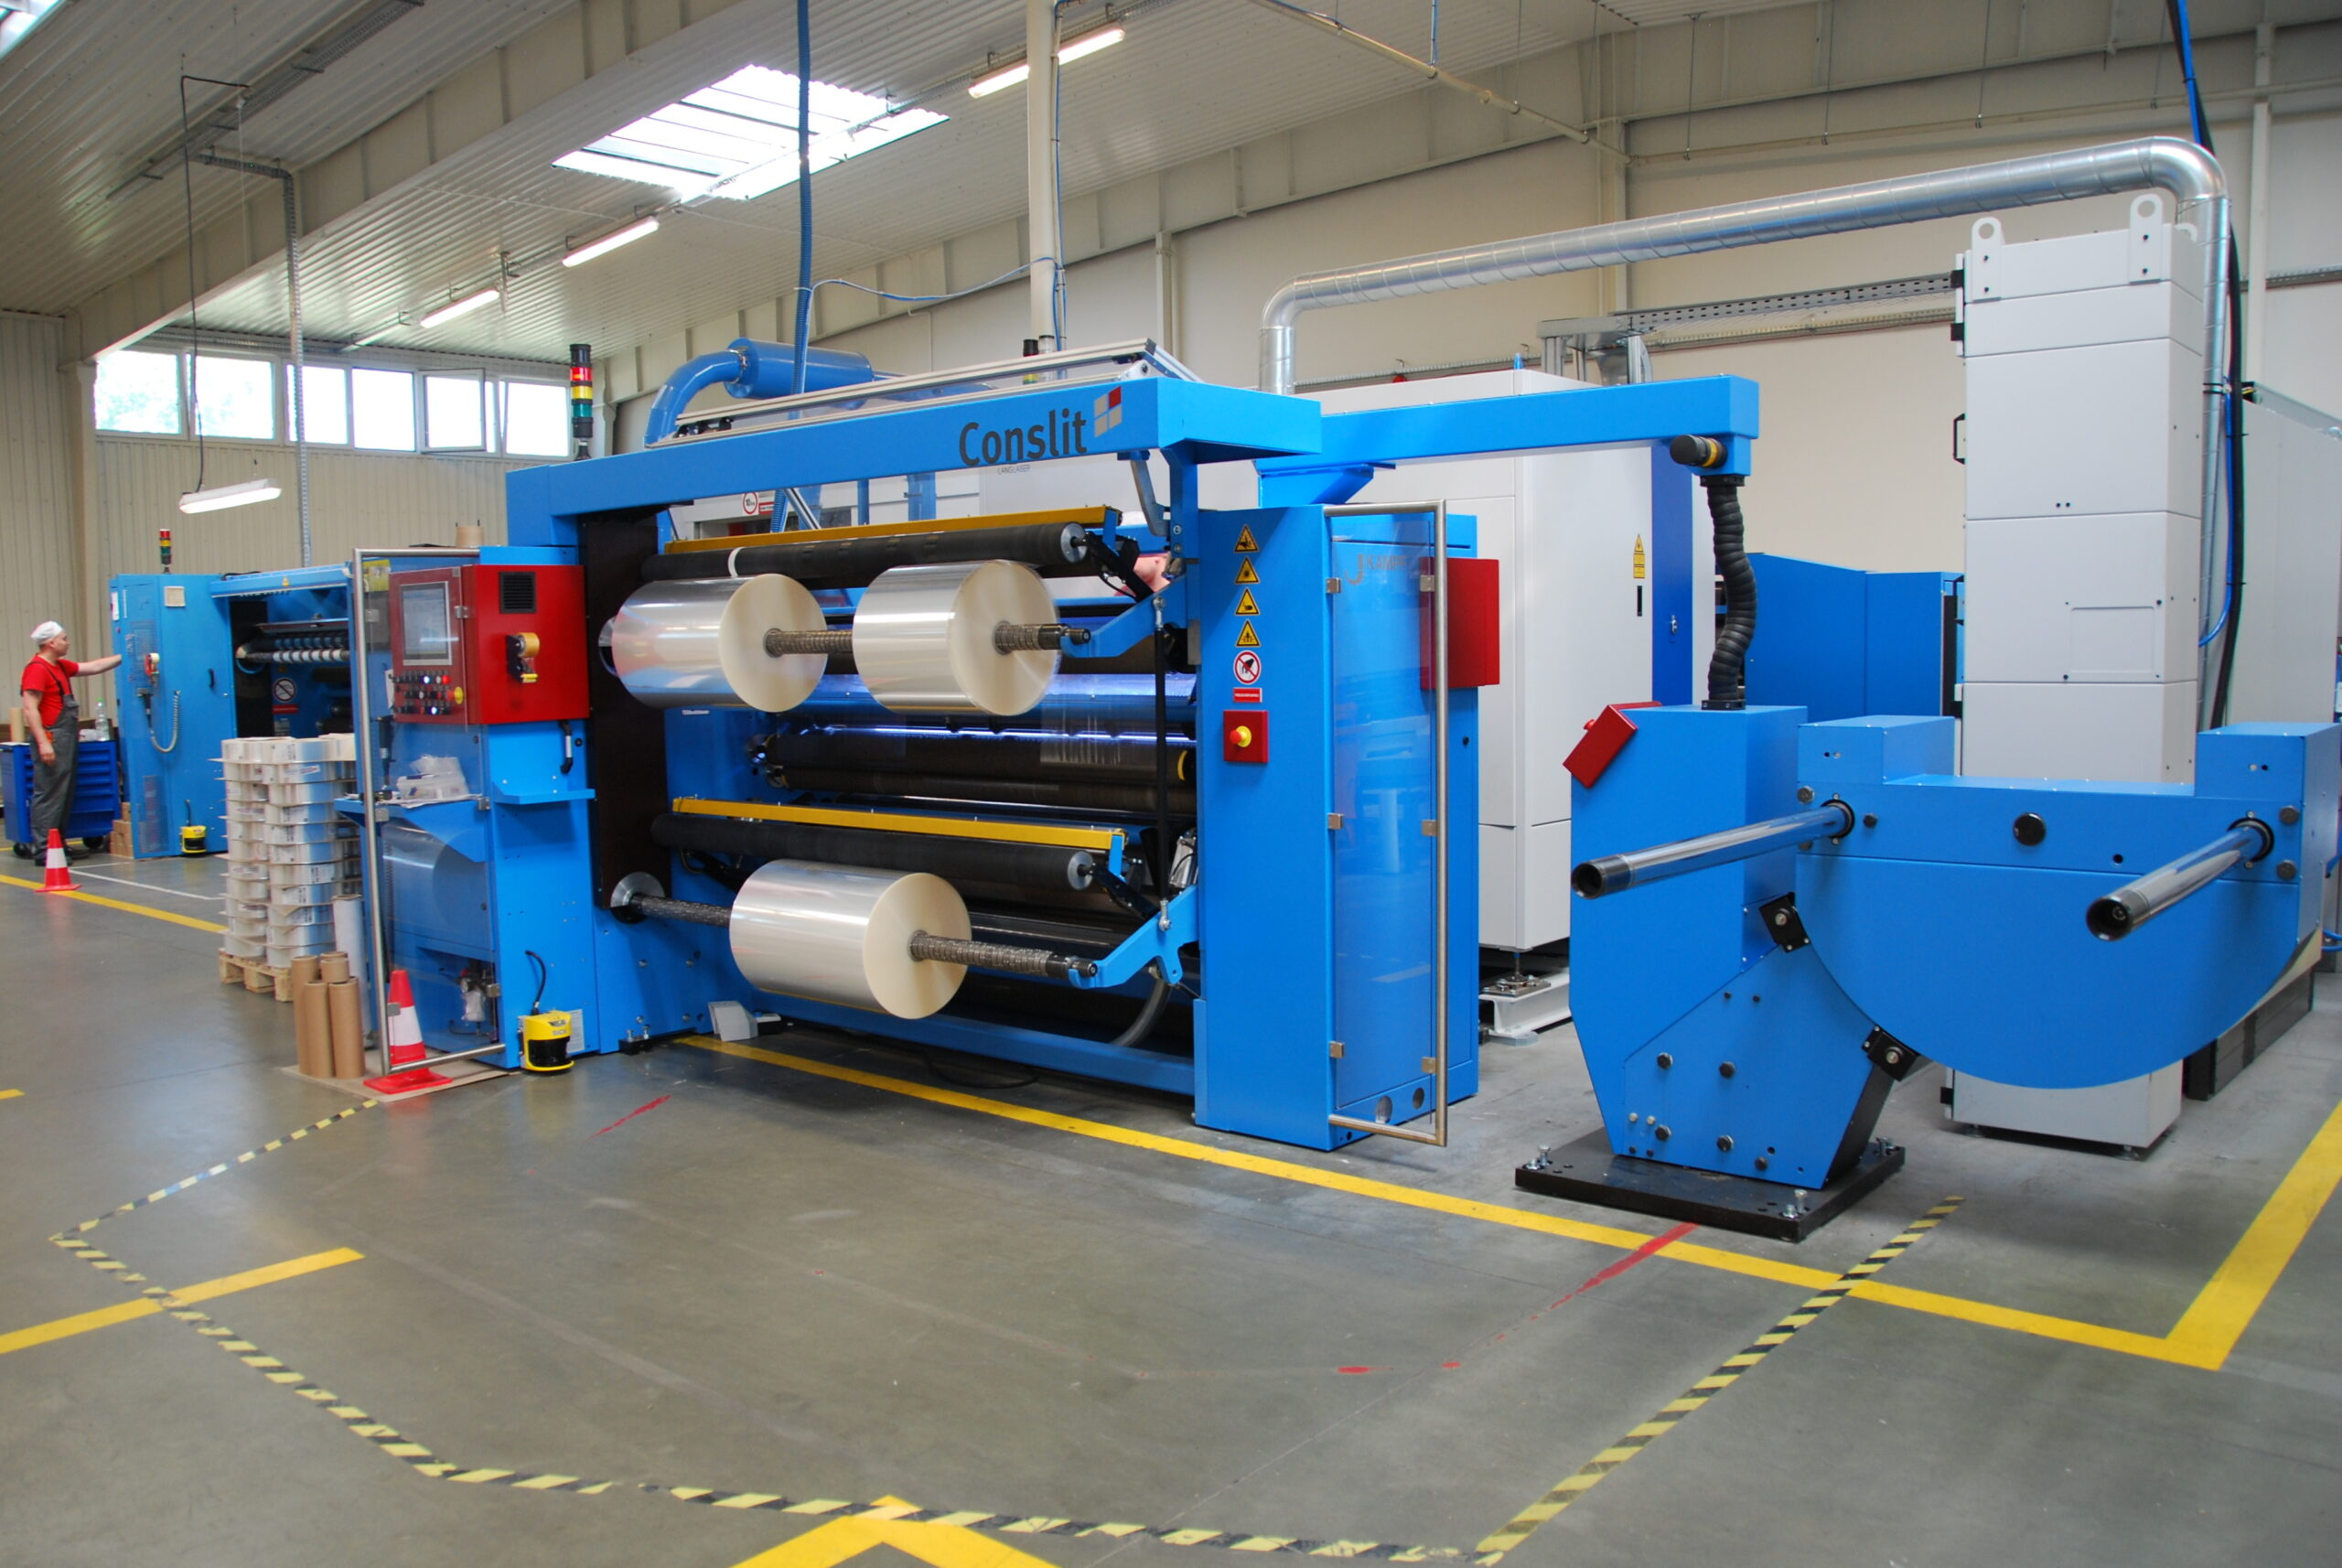 maszyna do opakowań plastikowych conslit